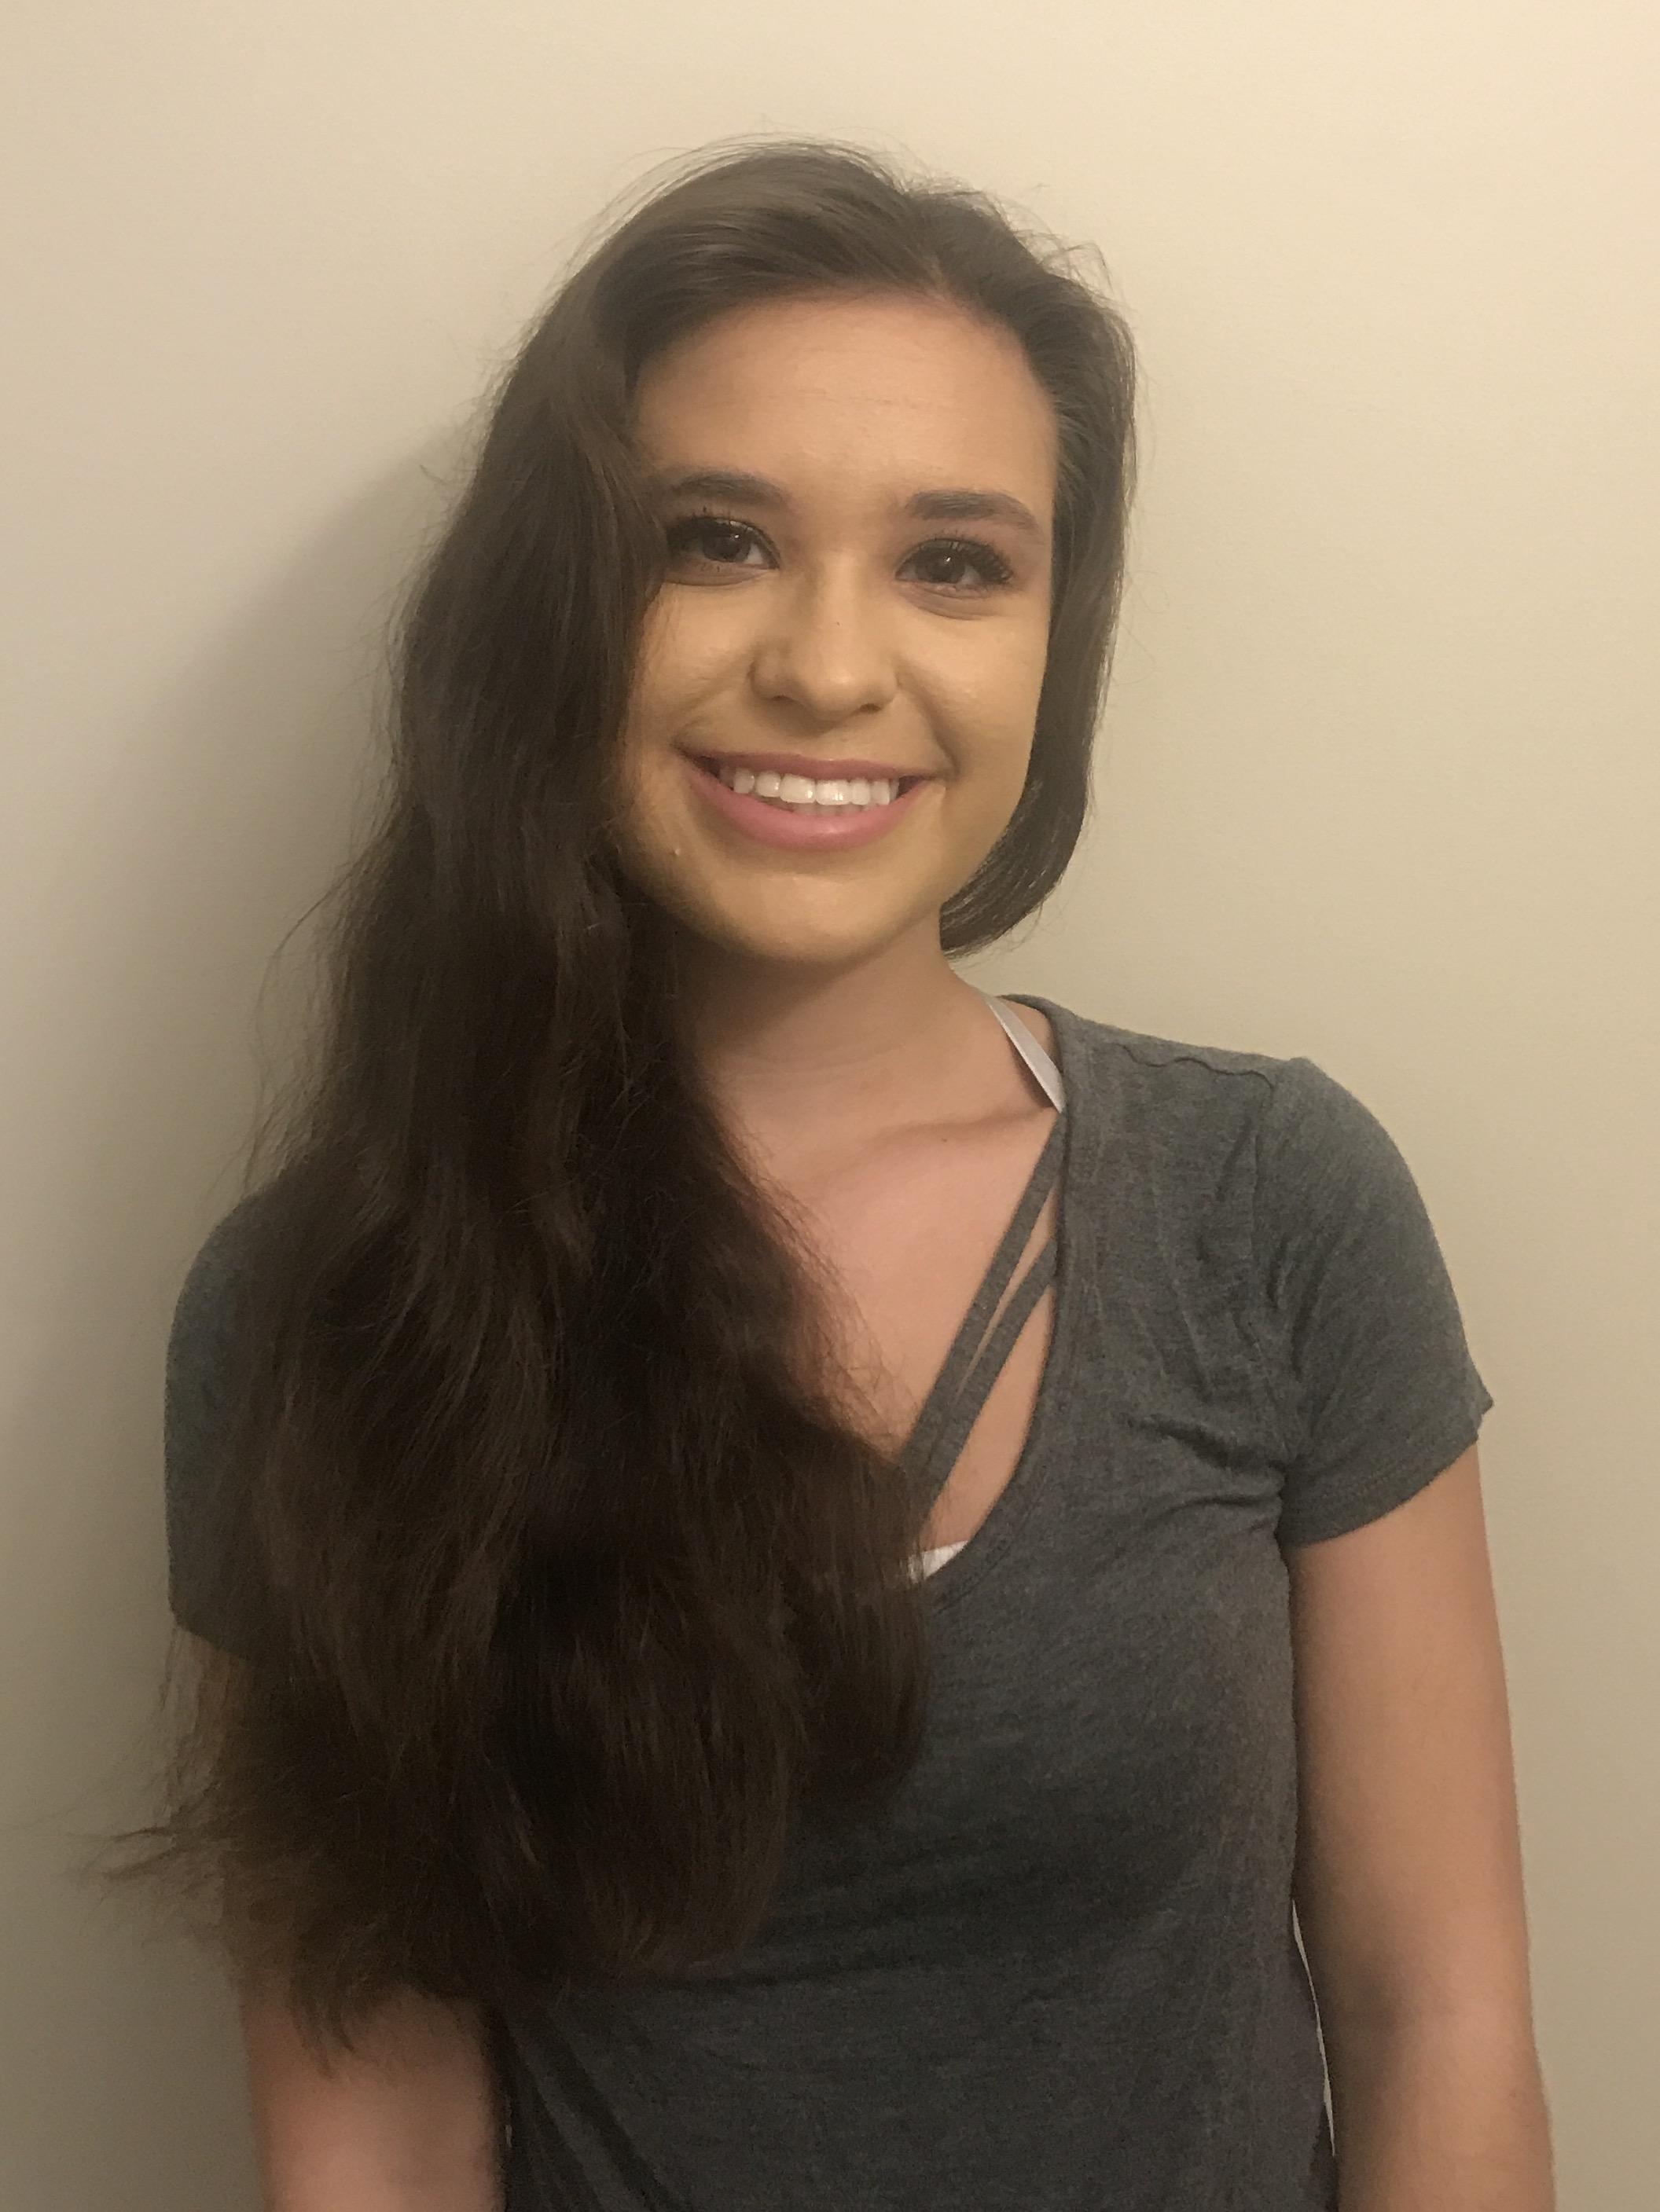 Cassie Radzanower